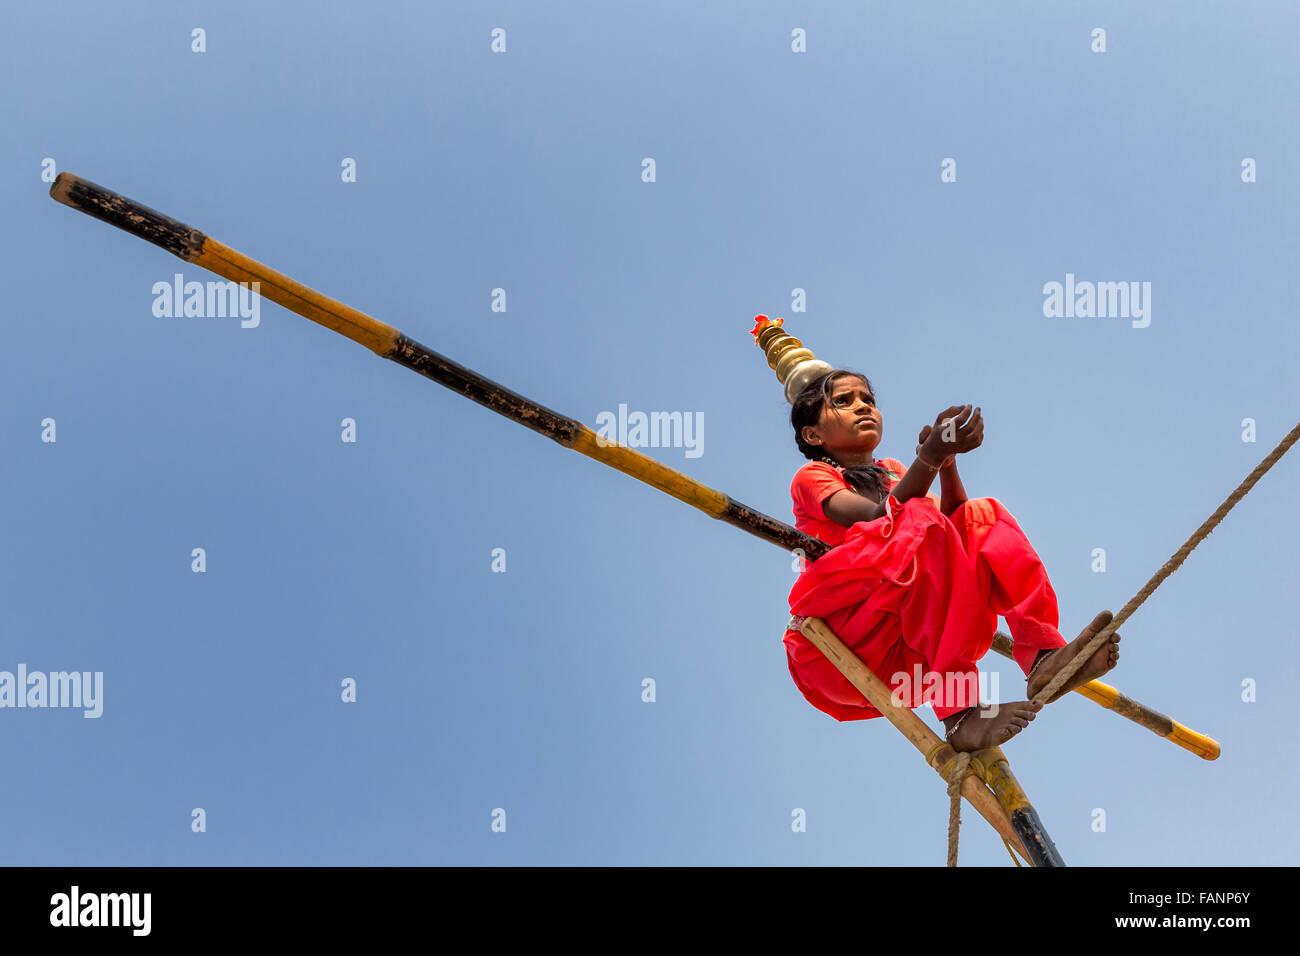 La corde de l'enfant, Pushkar, Rajasthan, India Photo Stock